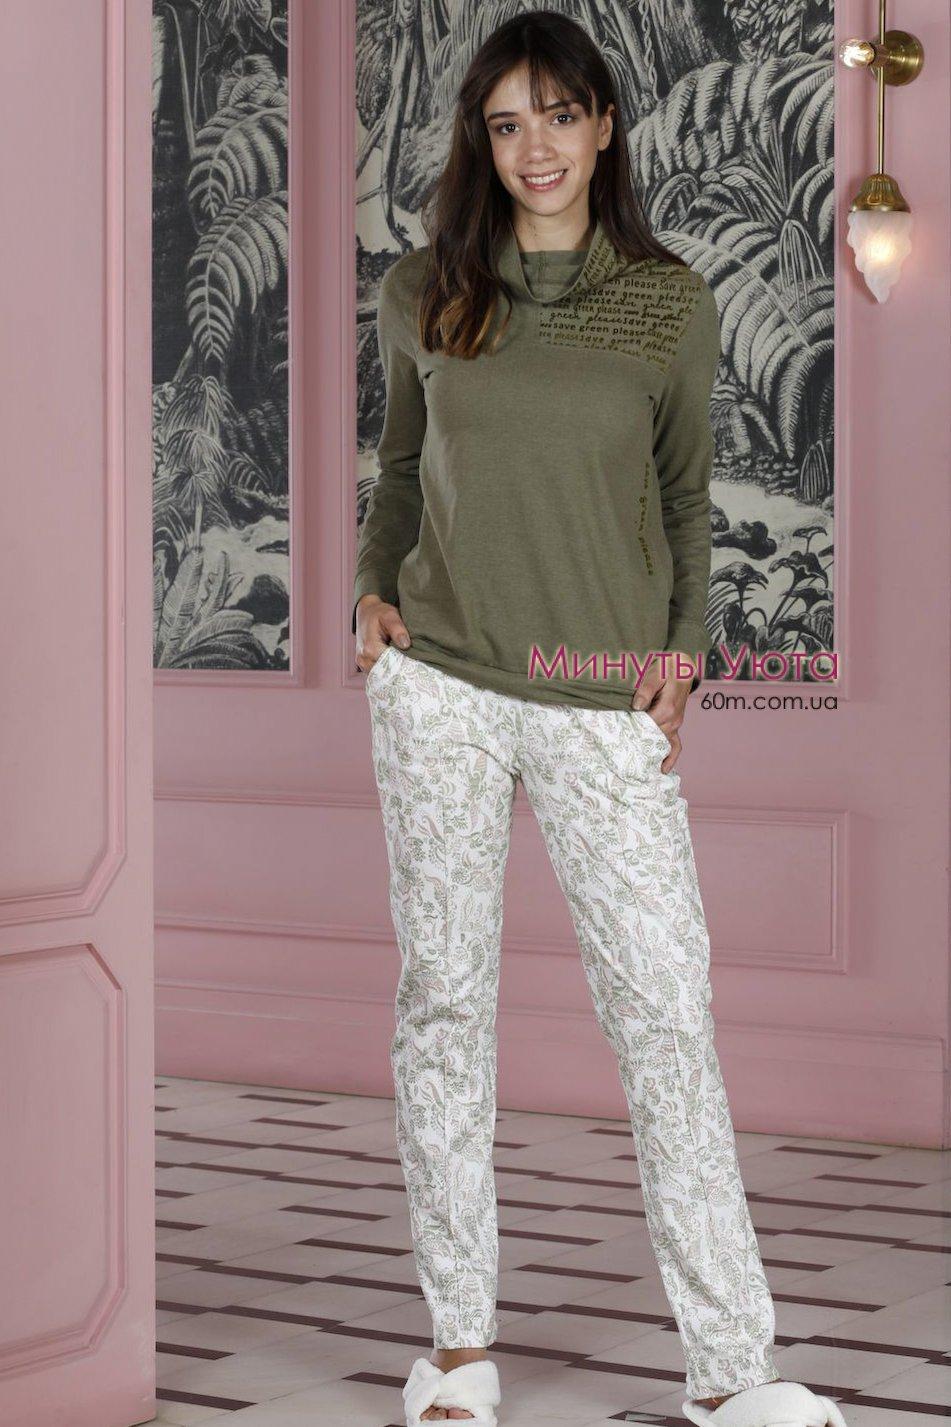 d0fe671e5563 Трикотажная пижама с высоким воротником в зеленом цвете от ...